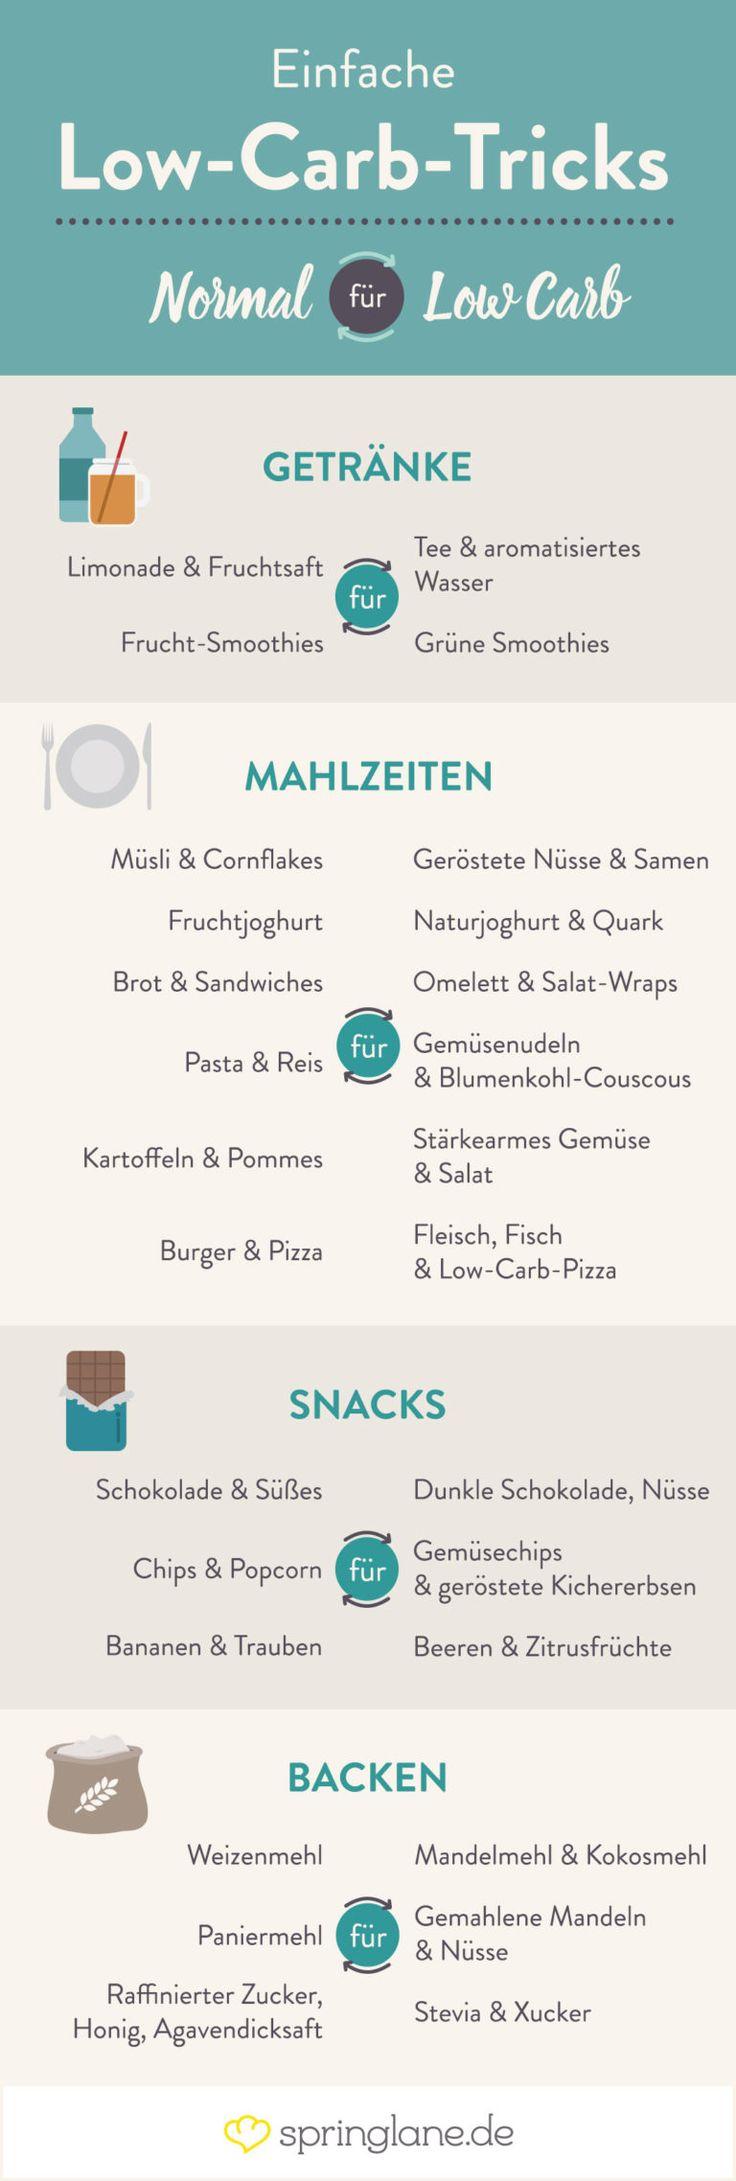 Tausche dein Standard-Essen gegen leckere Low-Carb-Alternativen